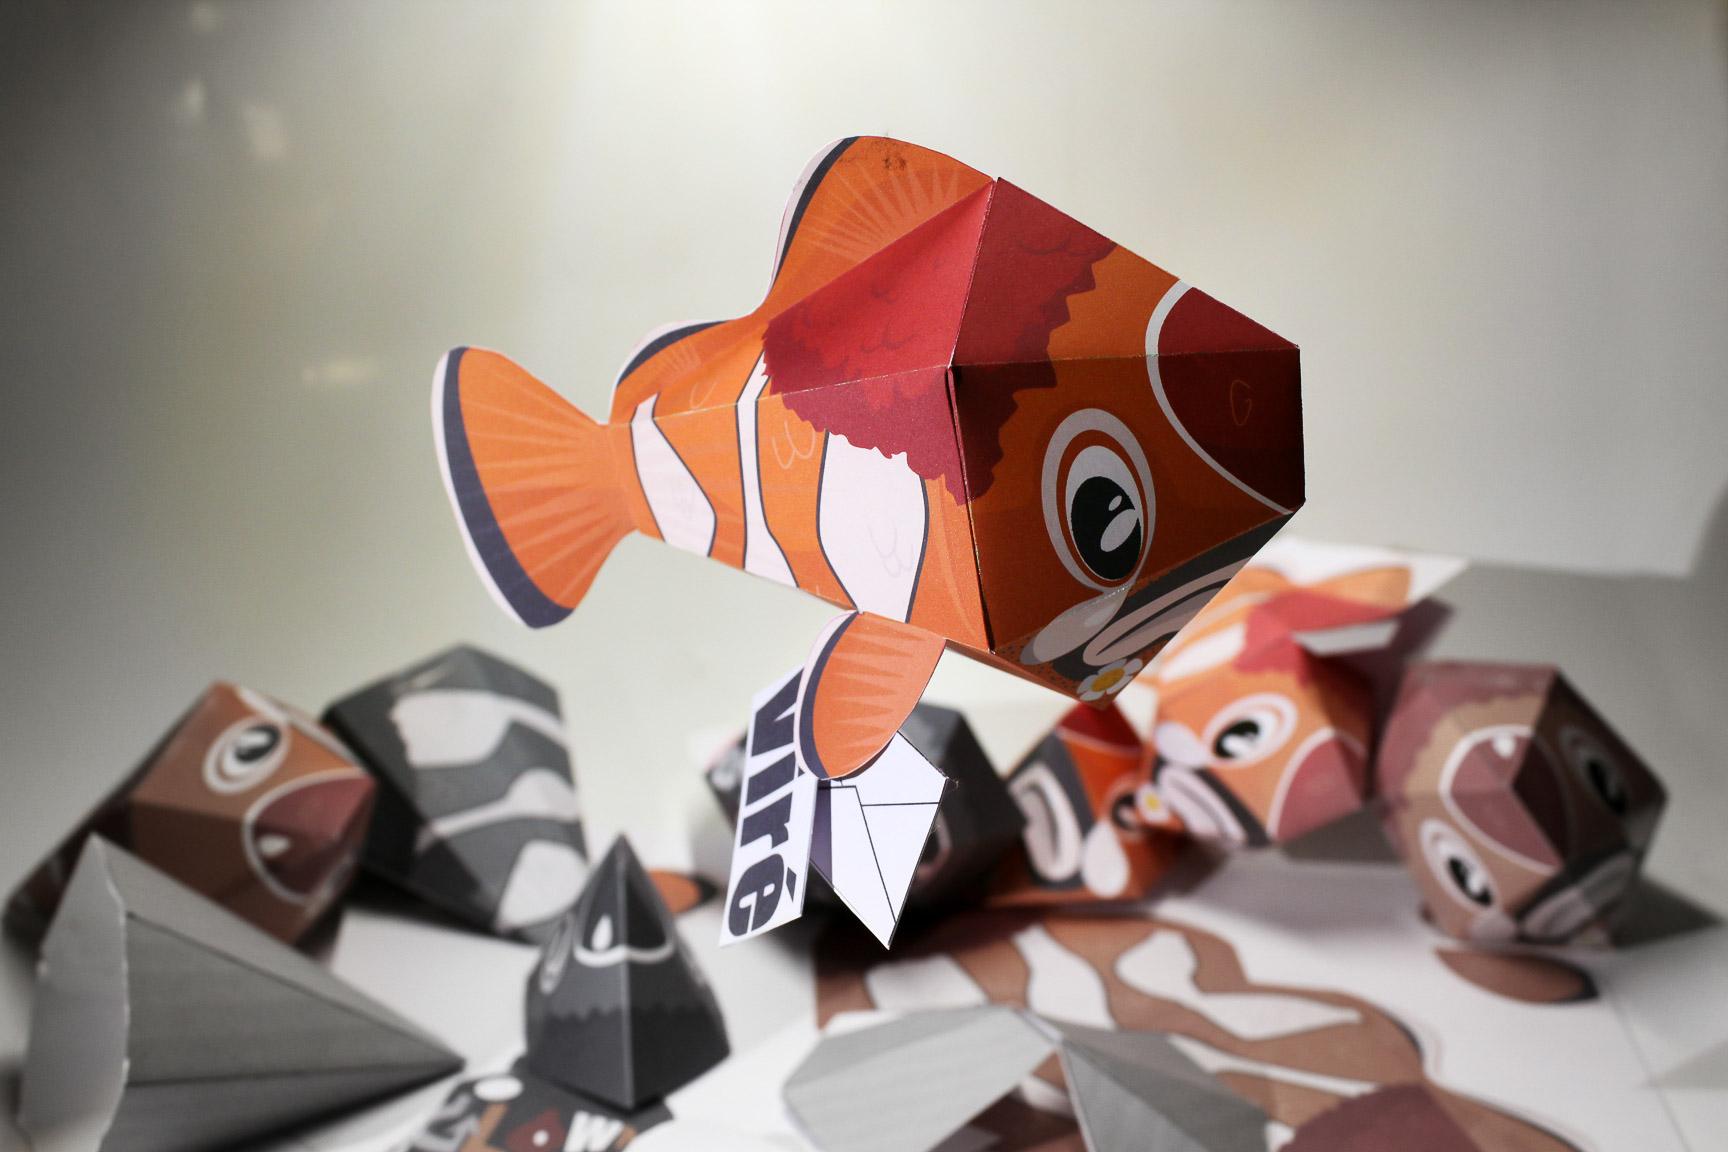 Papertoy poisson deprefish by guillaumedesc on deviantart - Poisson marrant ...